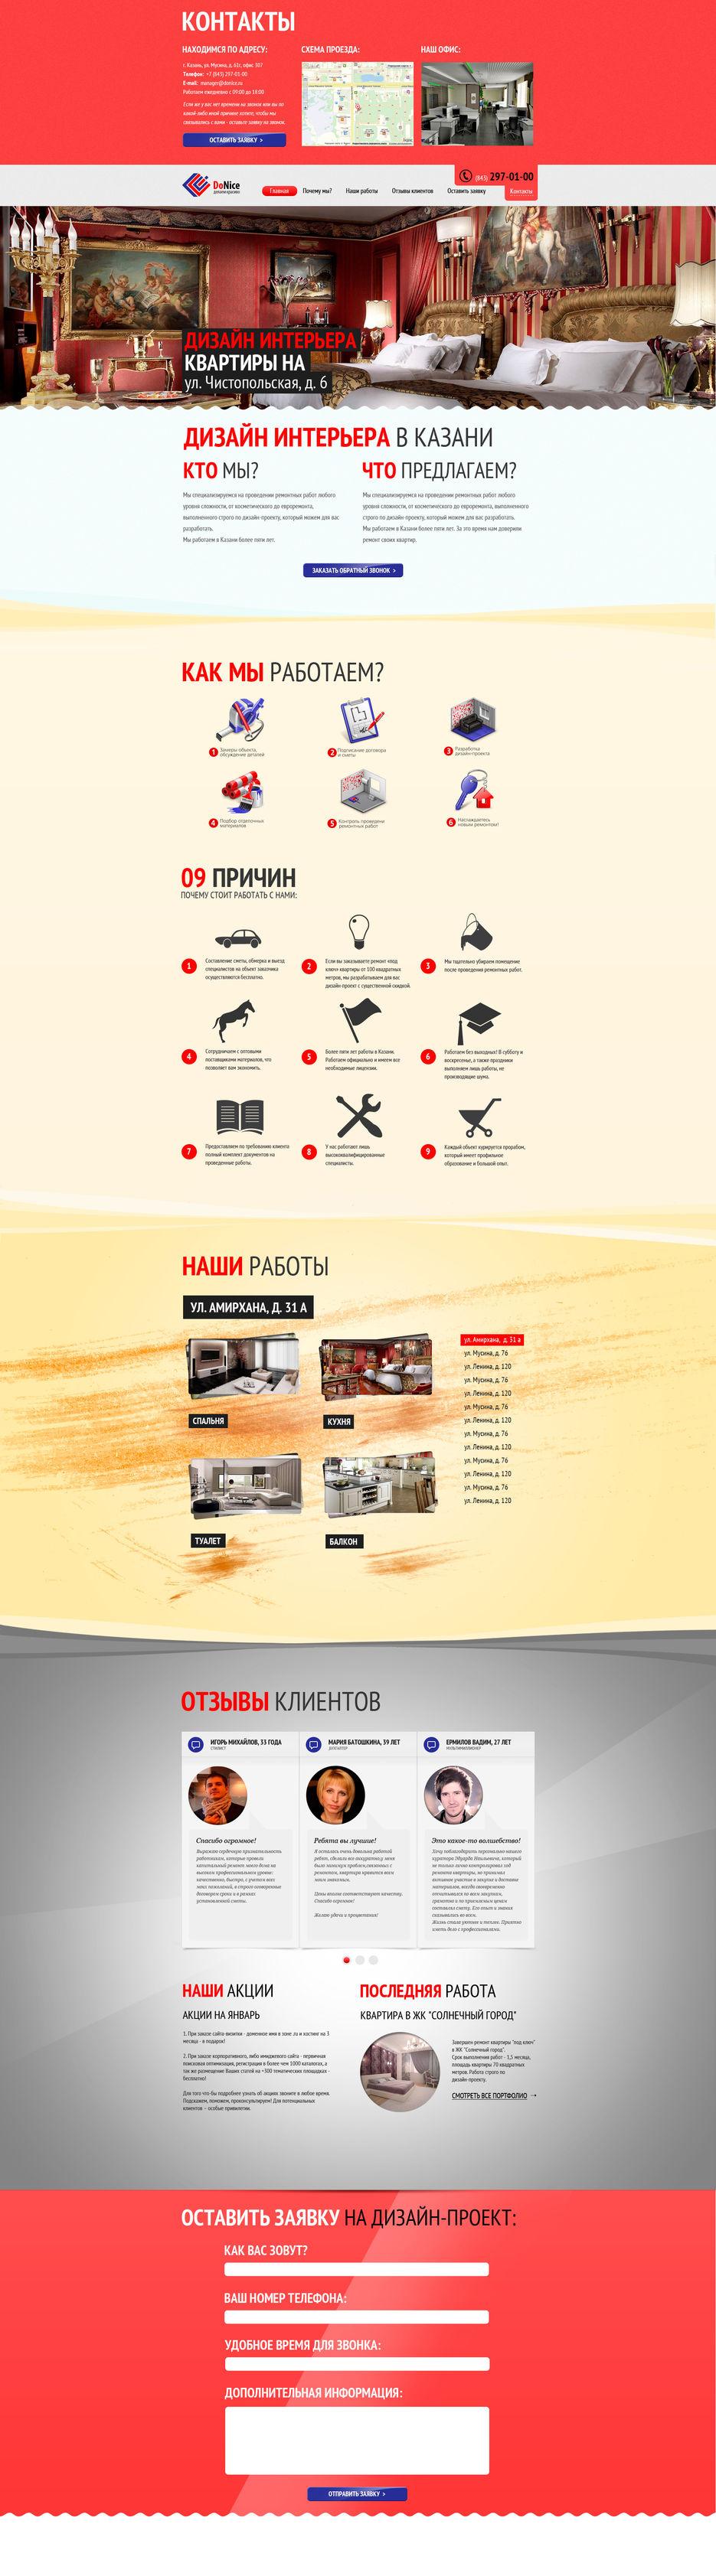 Landing page для студии дизайна Контур - donice.ru - Работа 3 - Портфолио фрилансера Вадим Ермилов (vadiamond)